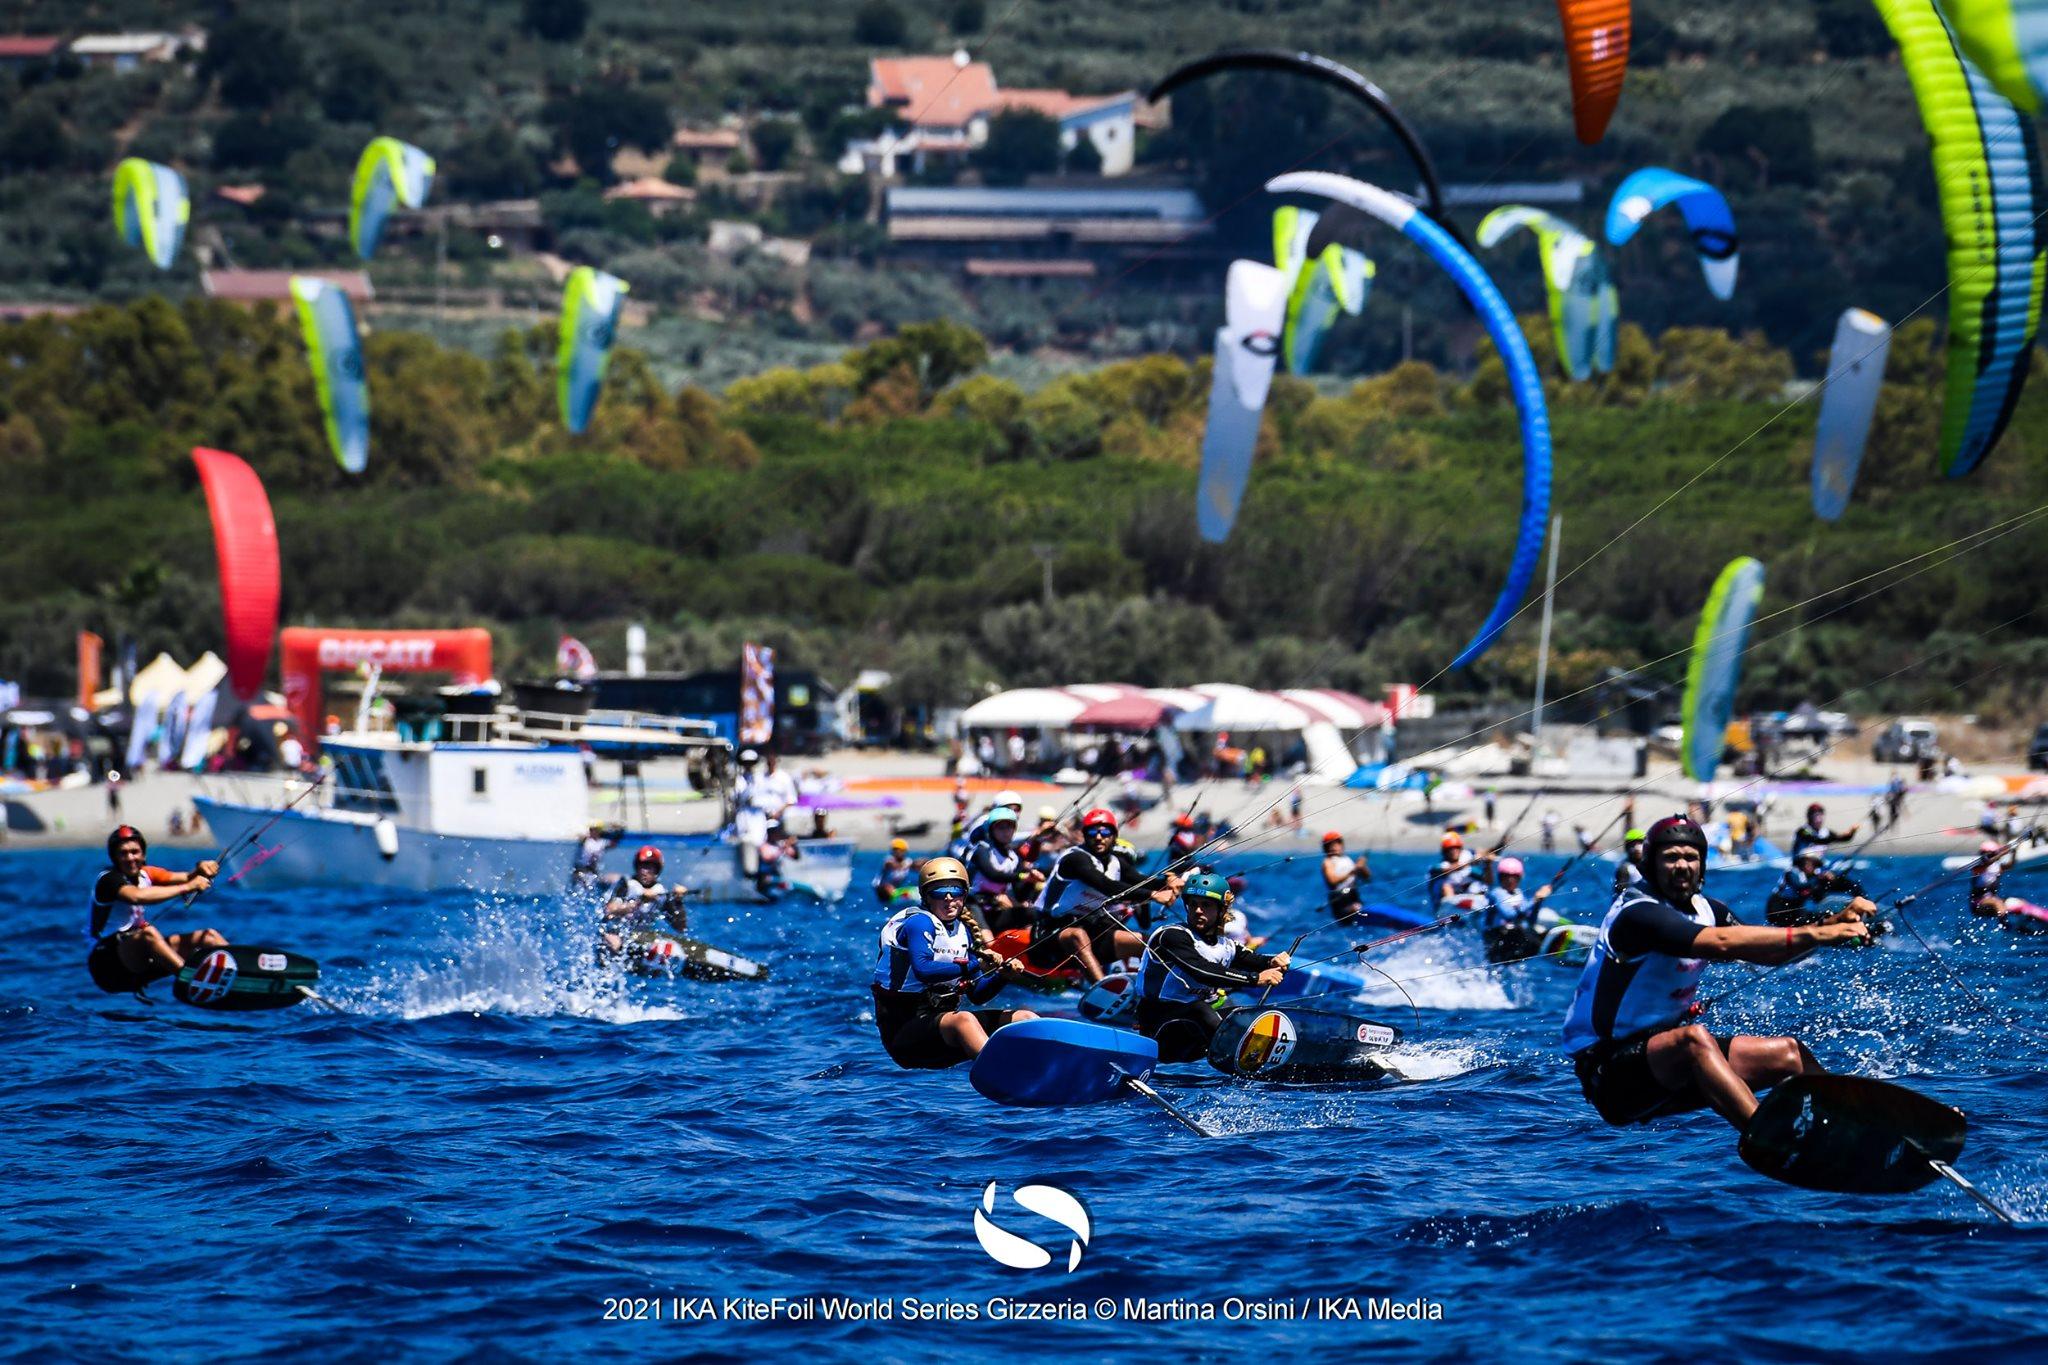 Fleet of kitefoilers